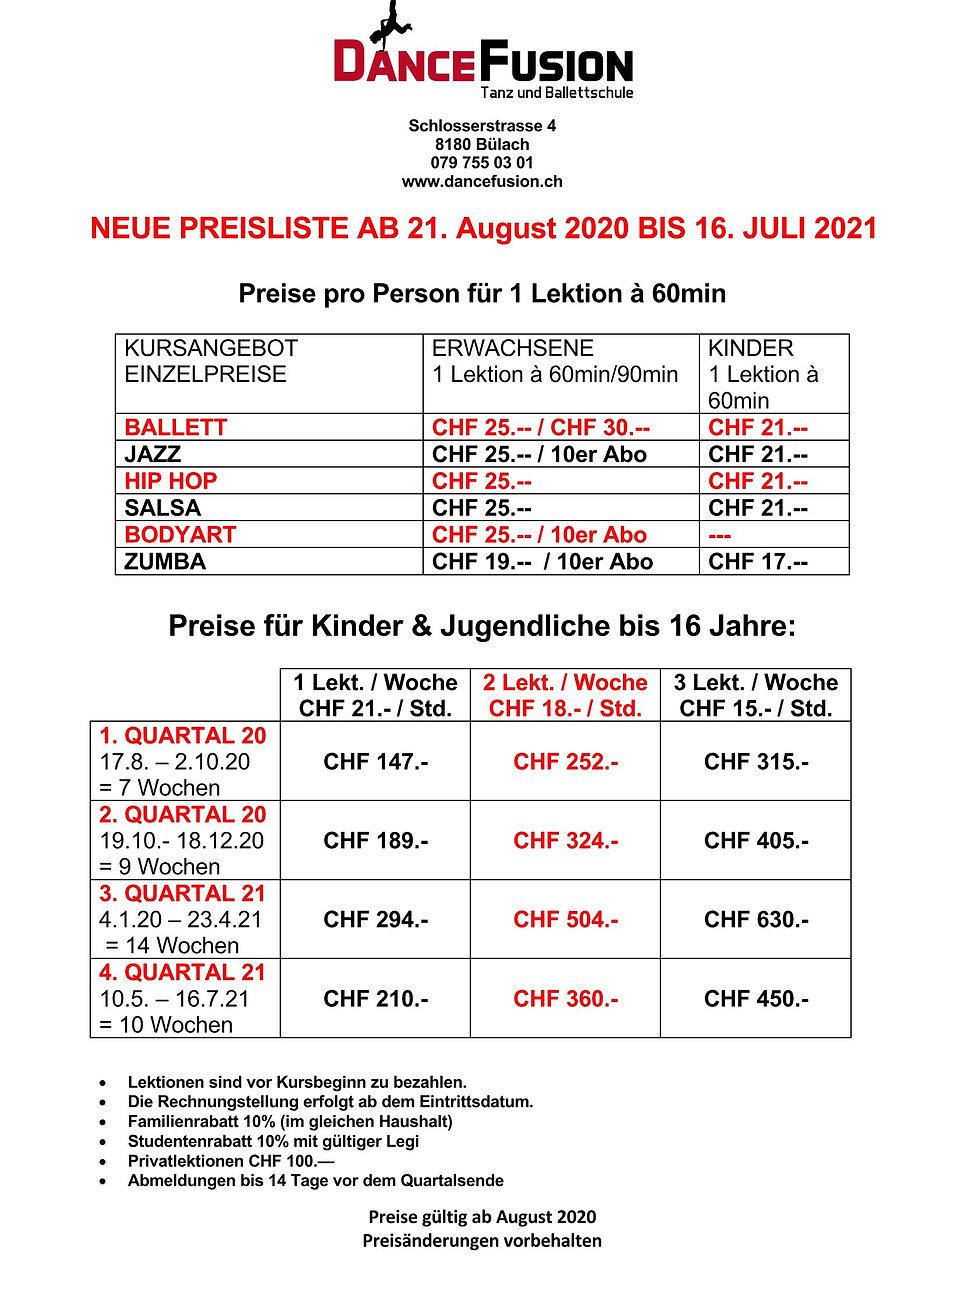 PREISLISTE AB 21.8.20_Page_1.jpeg